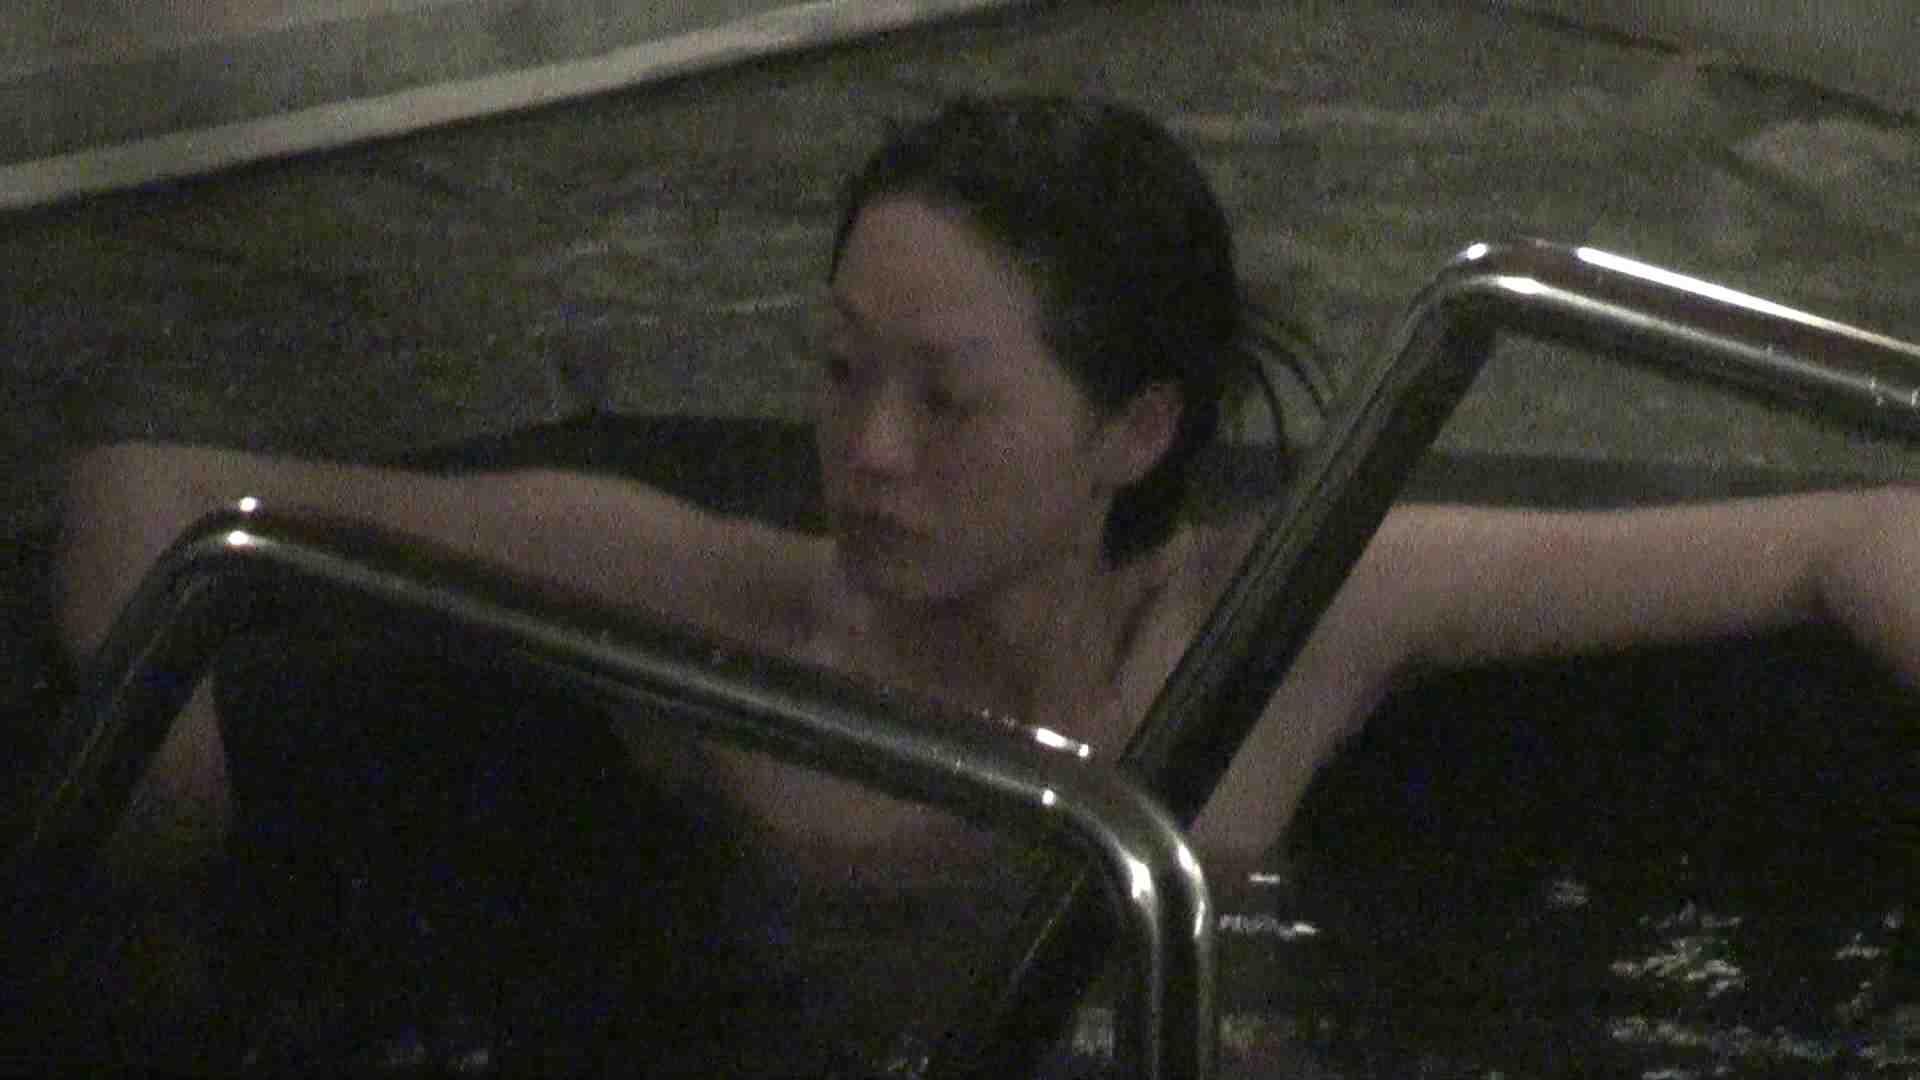 Aquaな露天風呂Vol.318 露天風呂突入 隠し撮りオマンコ動画紹介 105pic 20